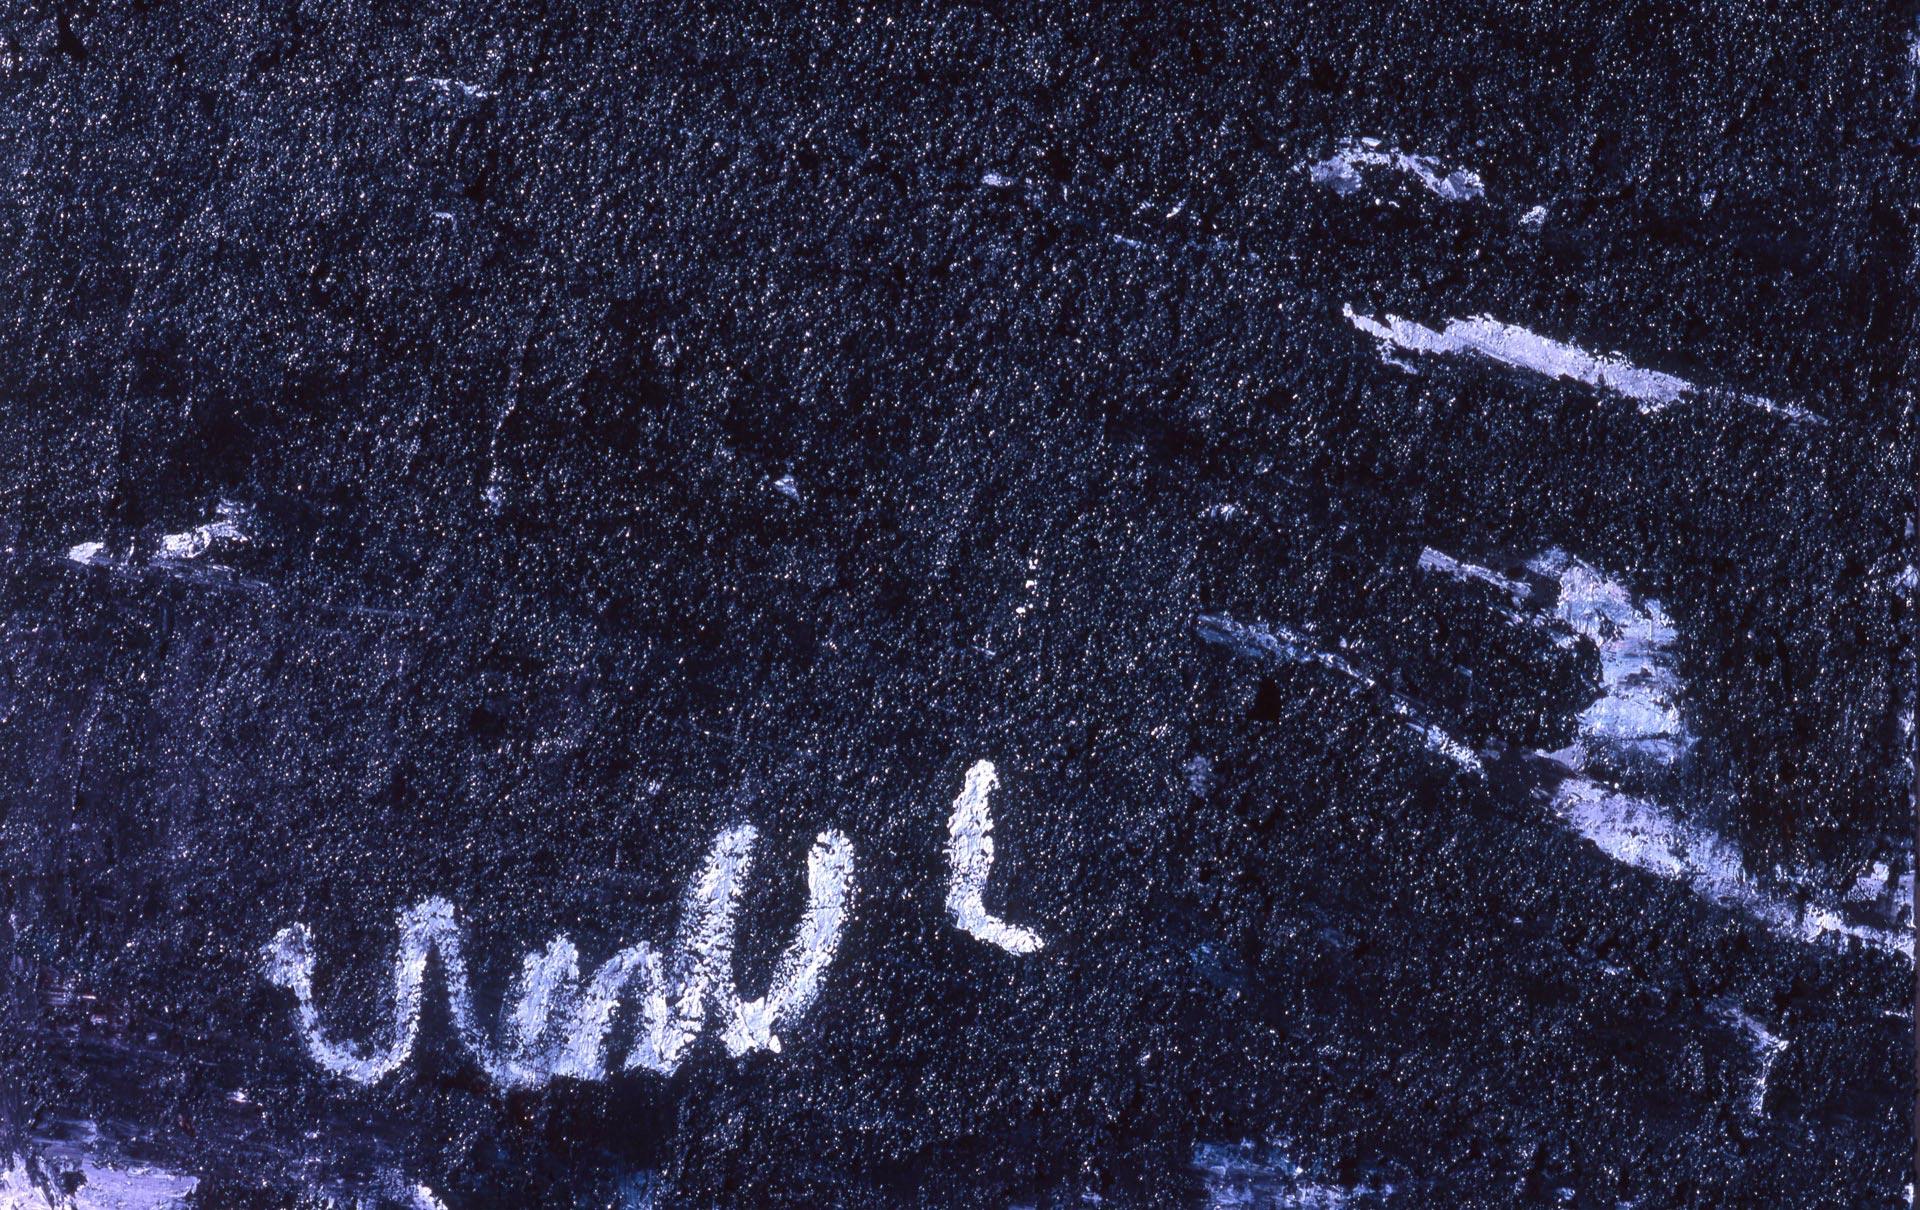 Unu 1999 by Aida Tomescu